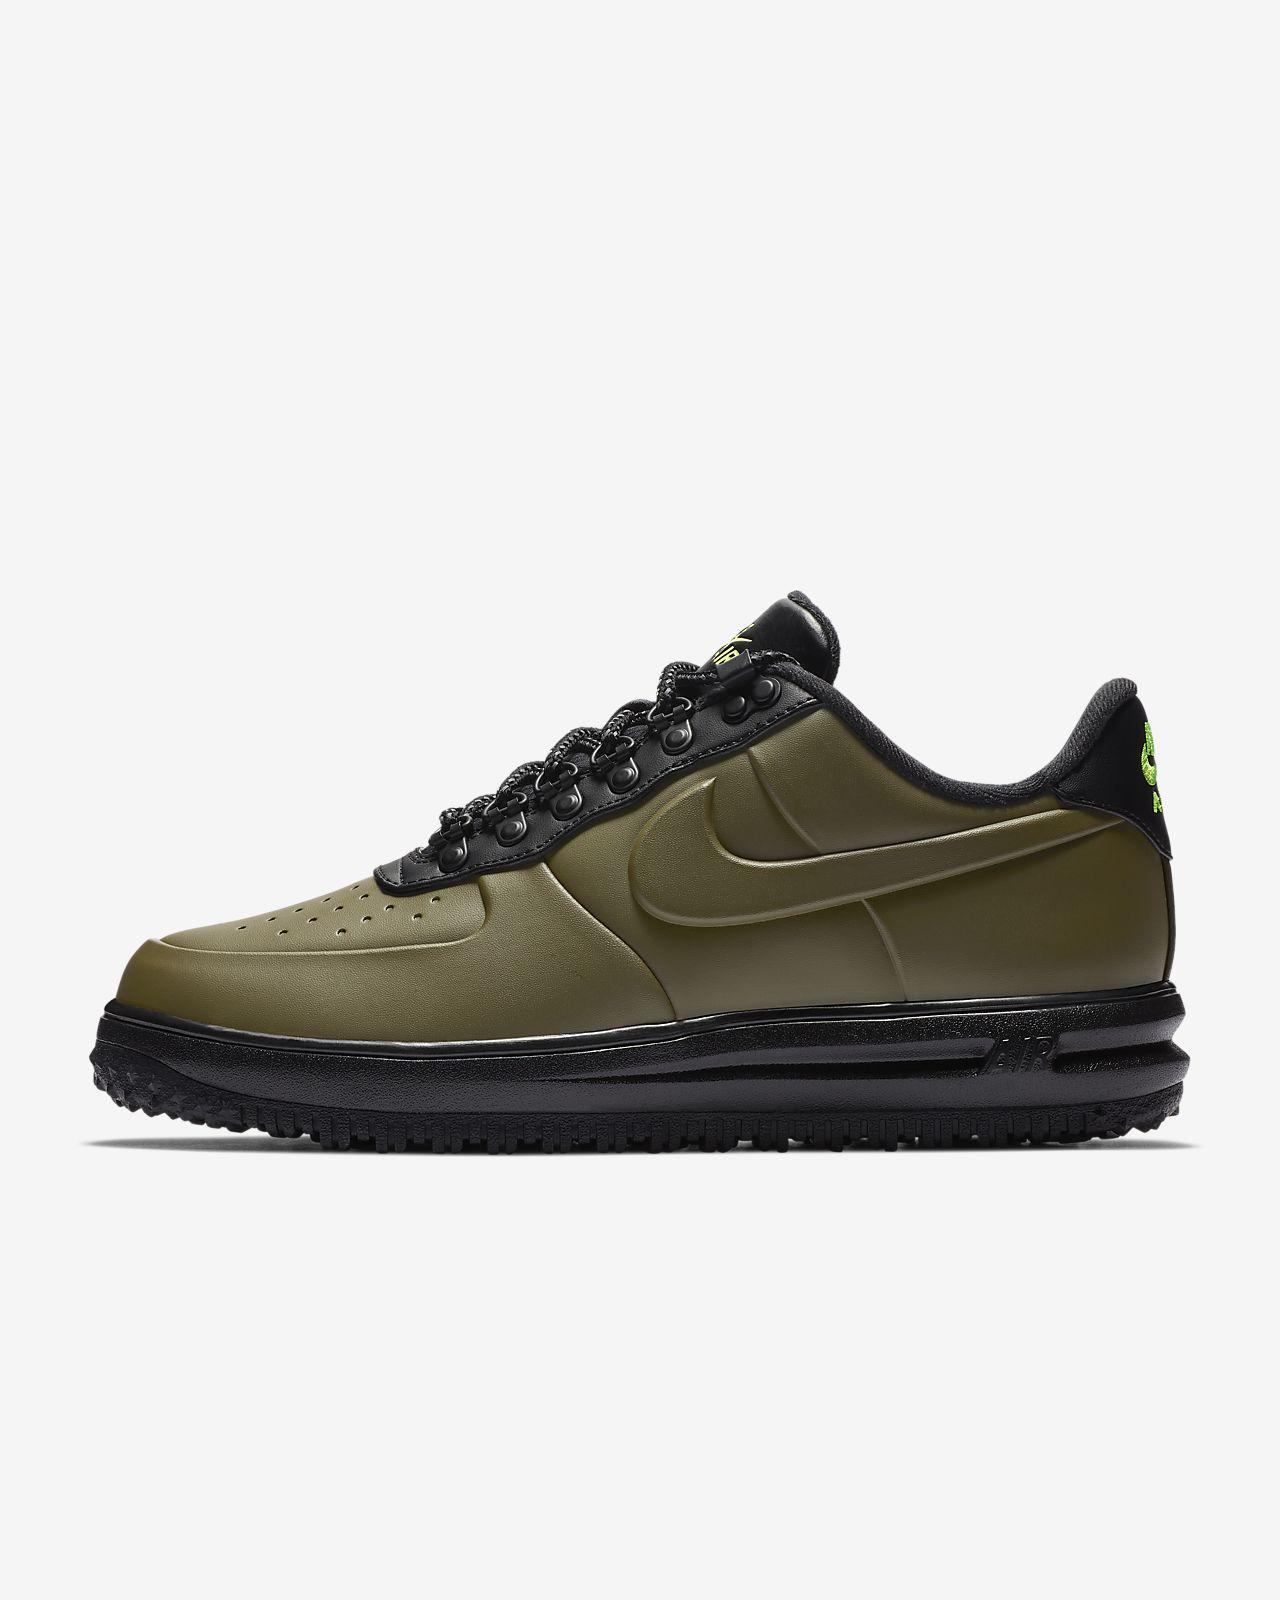 a2ec1af4a2126 Calzado para hombre Nike Lunar Force 1 Duckboot Low. Nike.com CL